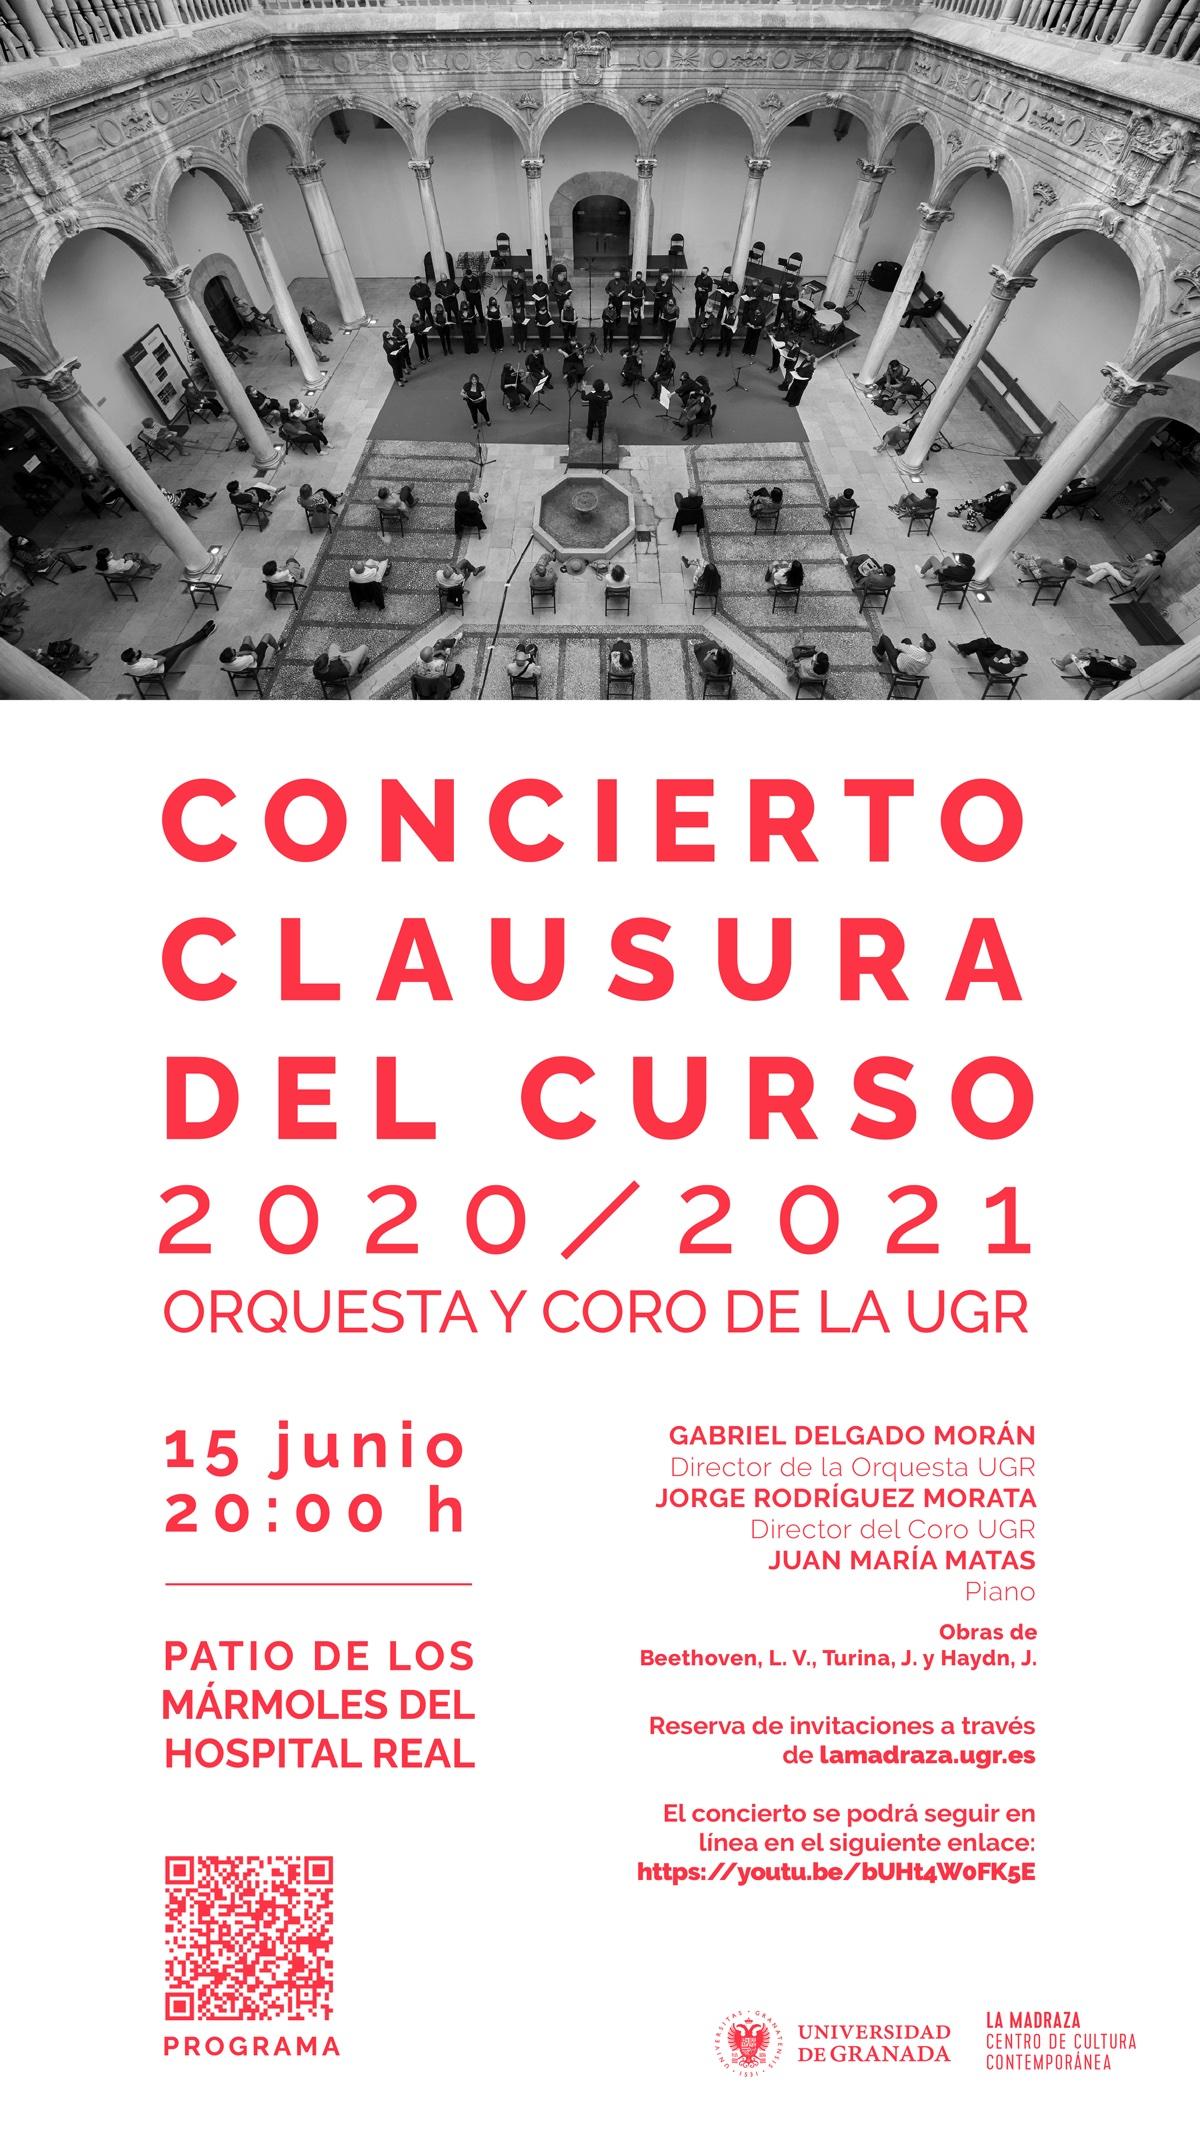 La Orquesta y el Coro de la Universidad de Granada interpretan a Beethoven, Turina y Haydn en el concierto de clausura del curso 2020-2021